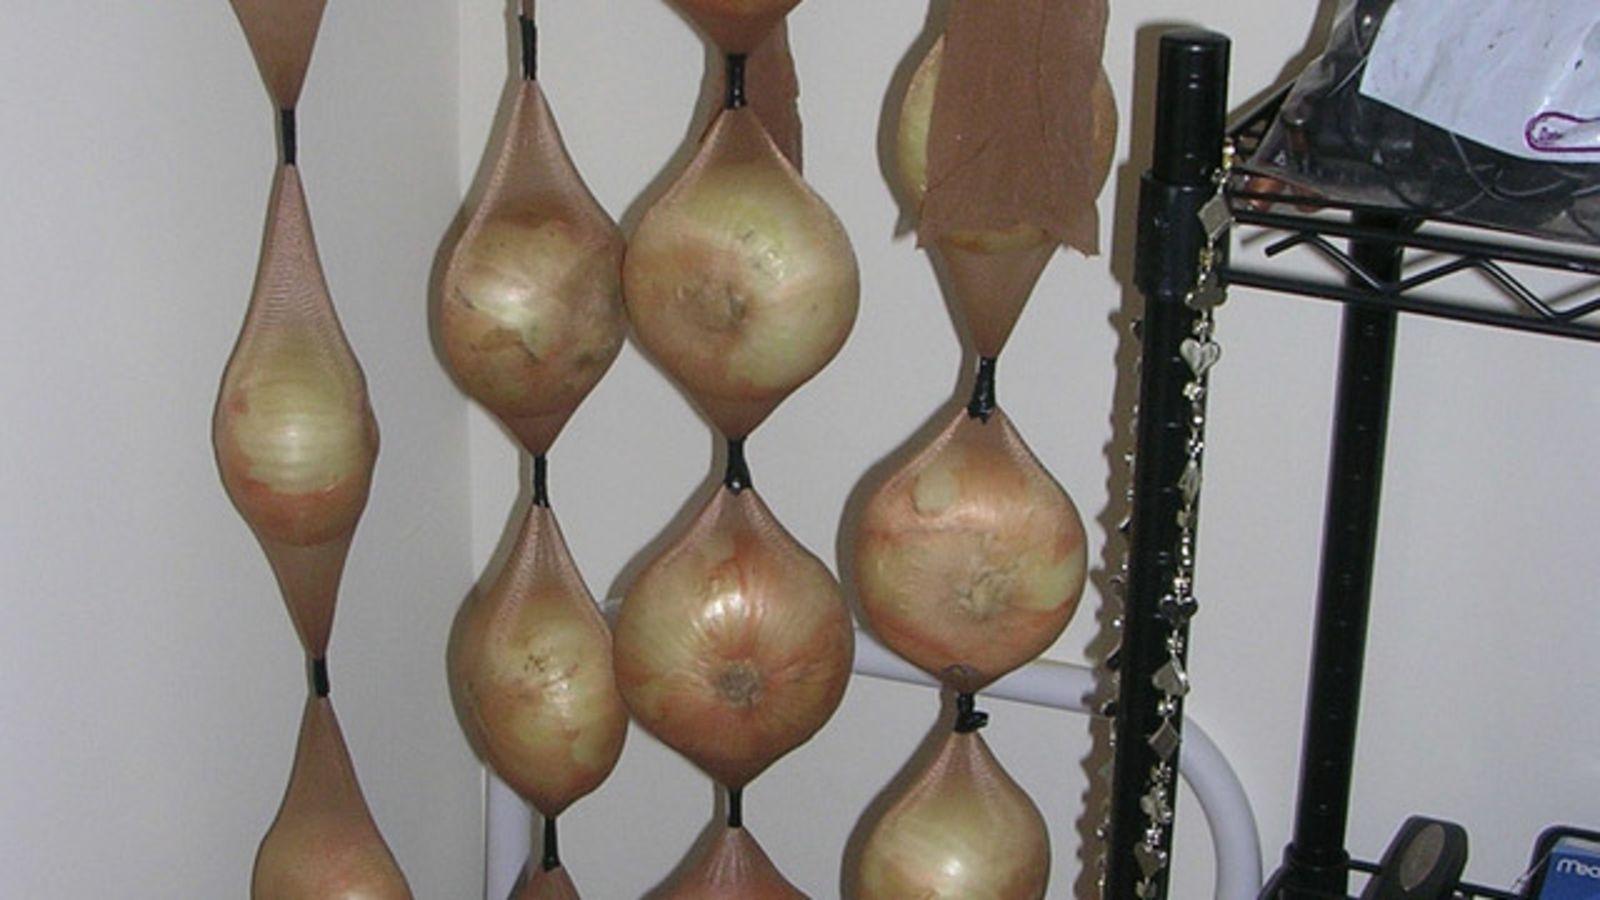 хранение лука в капроновых колготок